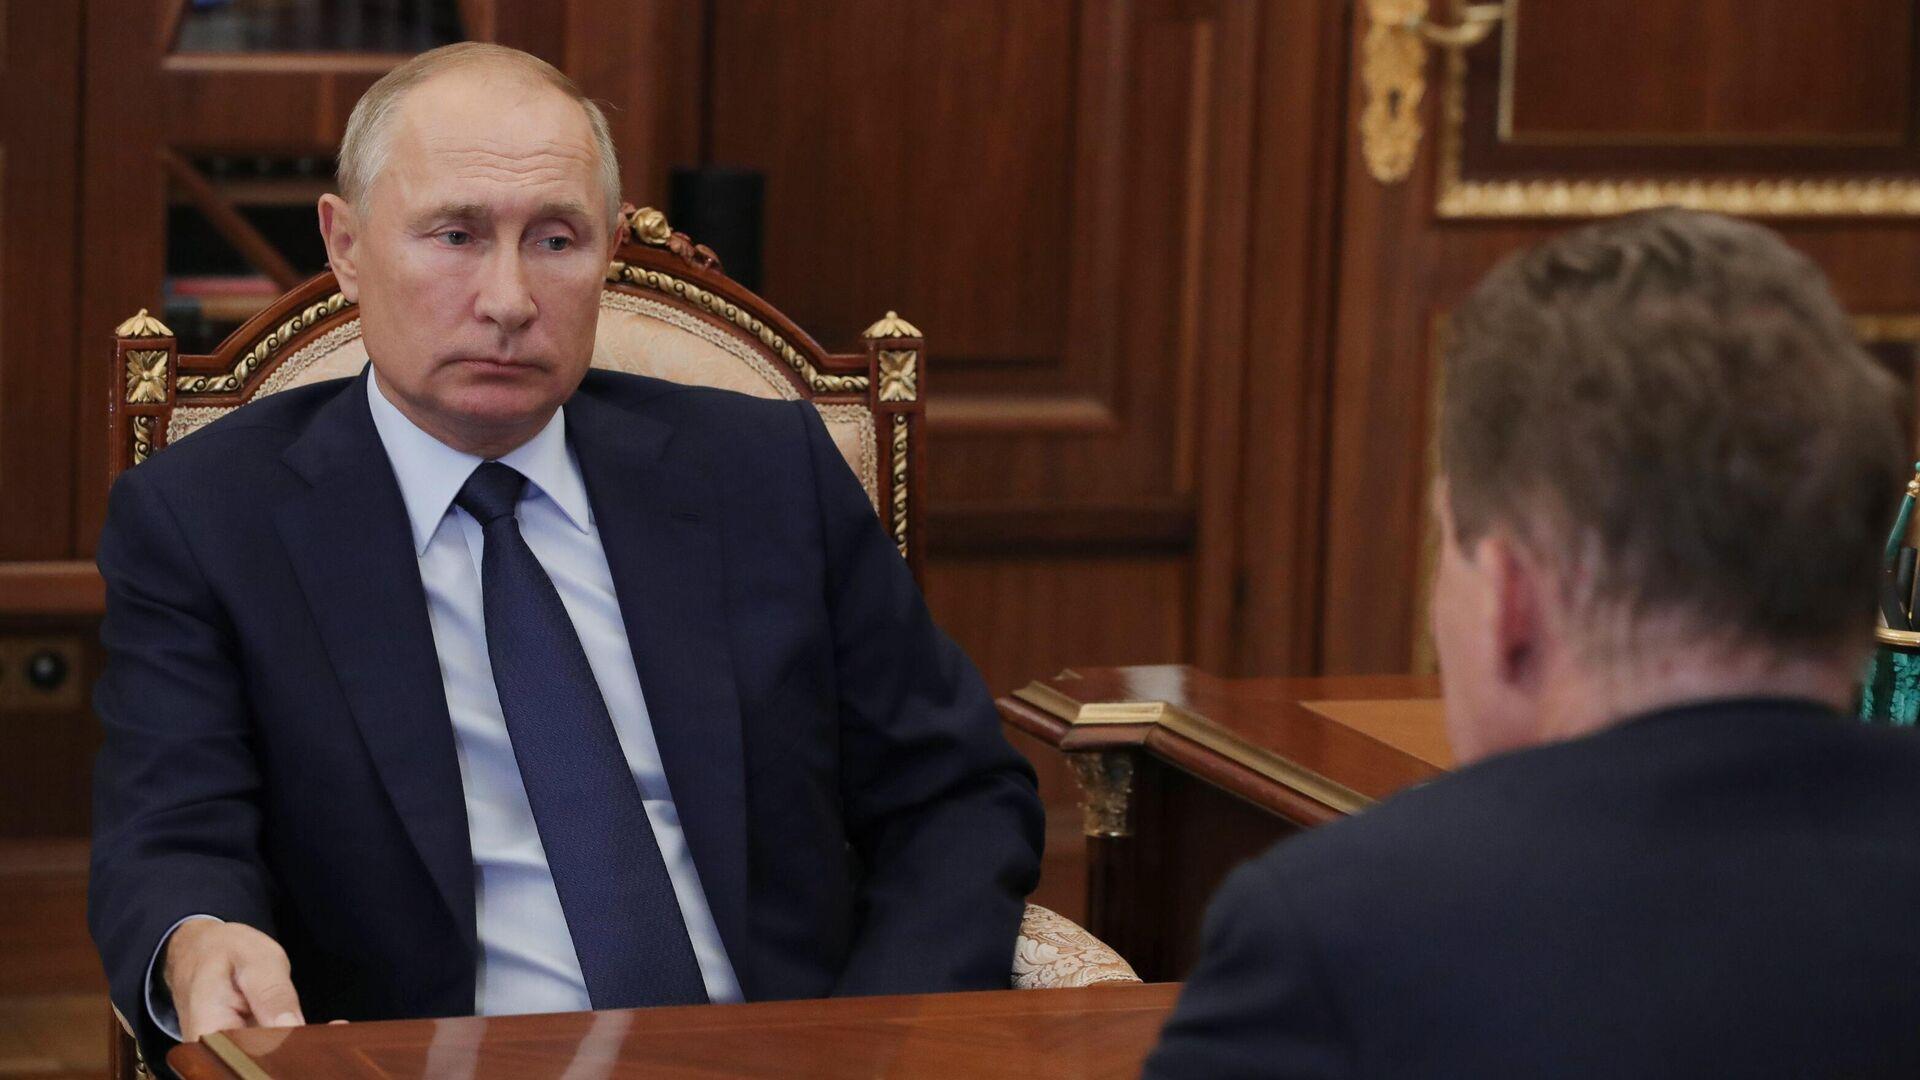 Президент РФ Владимир Путин во время встречи с председателем правления ПАО Газпром Алексеем Миллером - РИА Новости, 1920, 16.09.2020